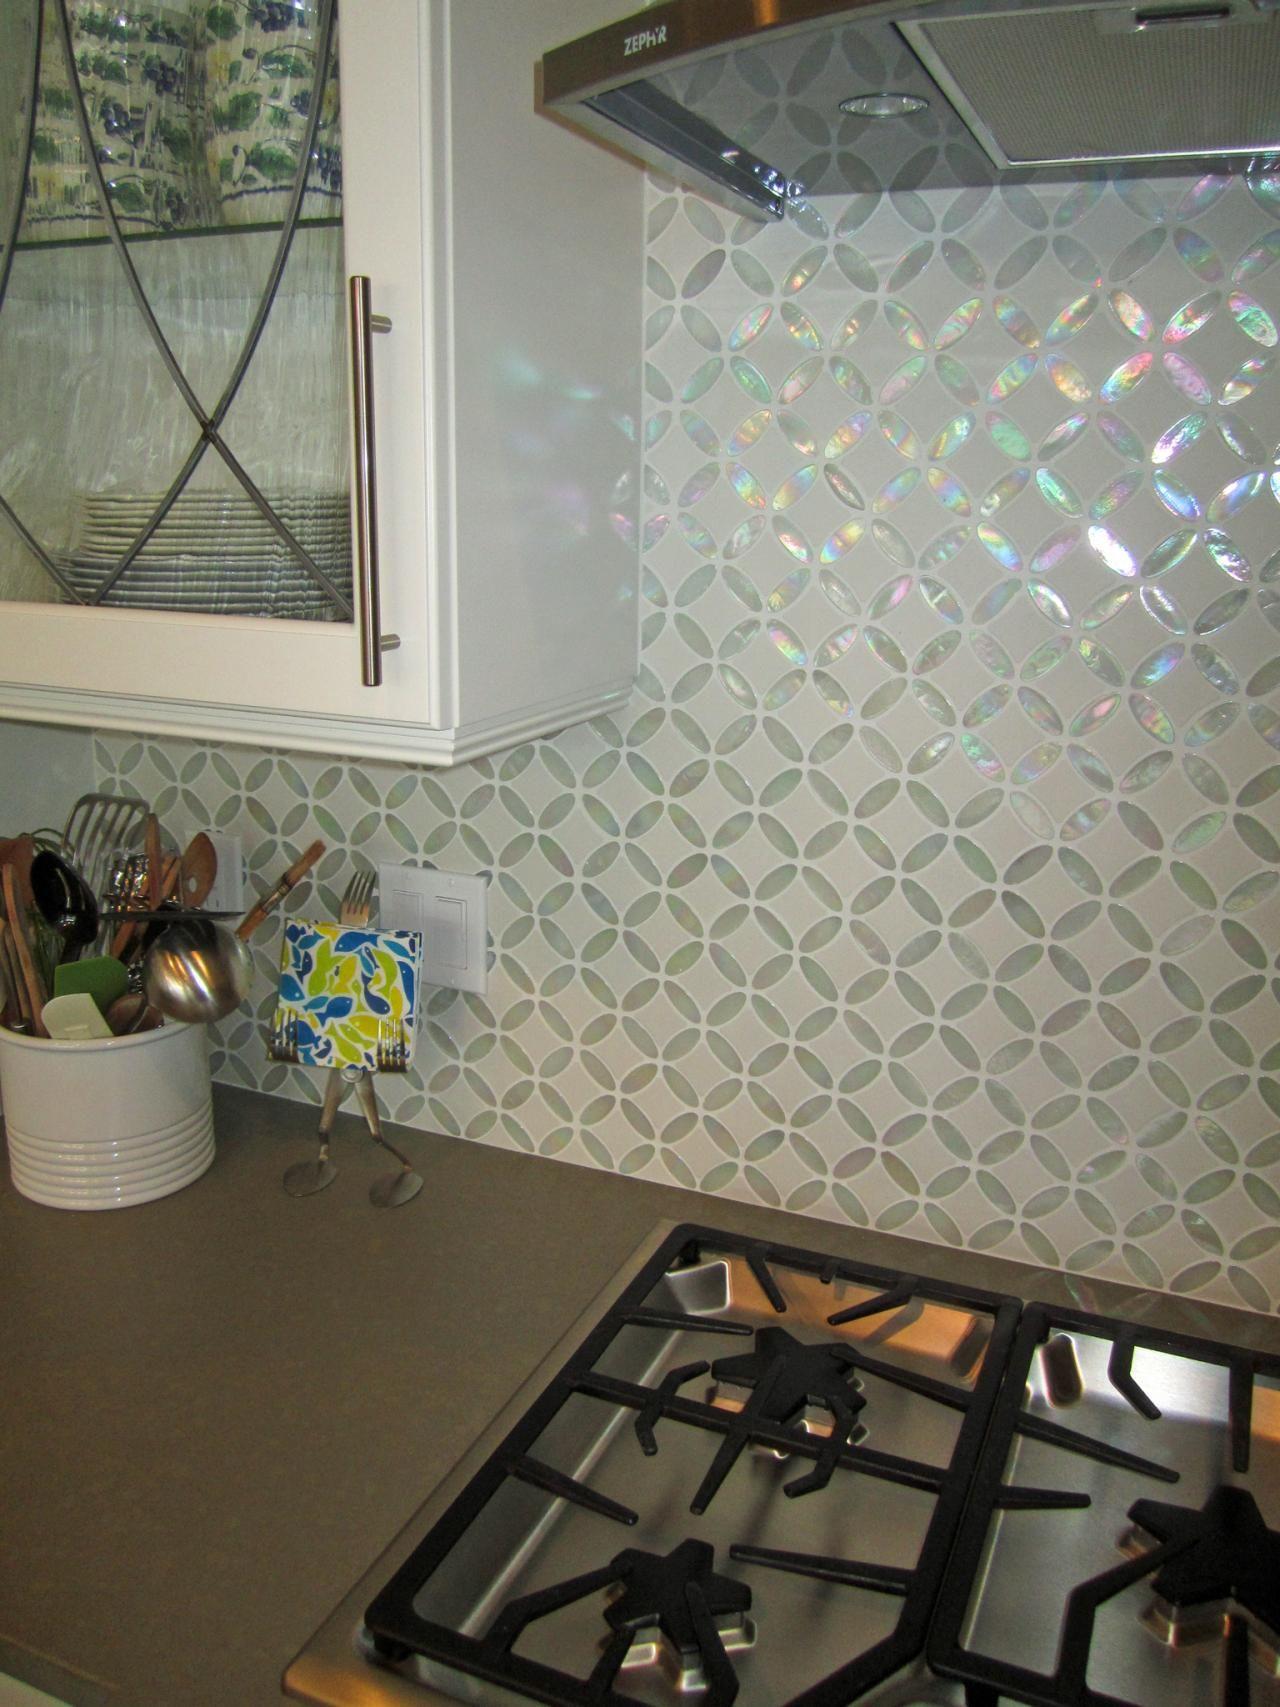 trendiest kitchen backsplash materials home decor pinterest